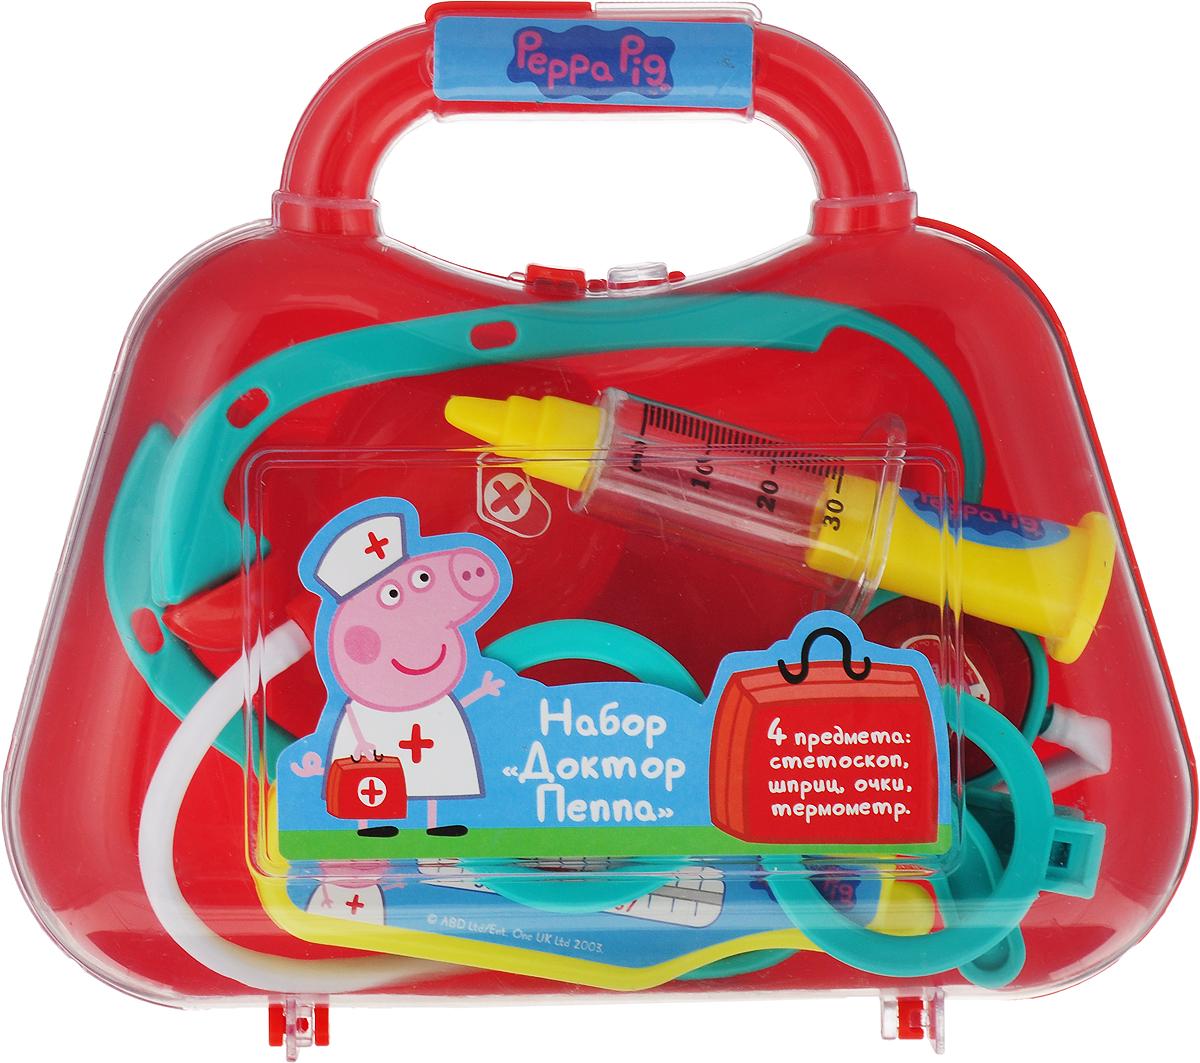 Peppa Pig Игровой набор Доктор Пеппа 4 предмета цвет красный игровой набор peppa pig набор посуды пеппа повар 20 предметов